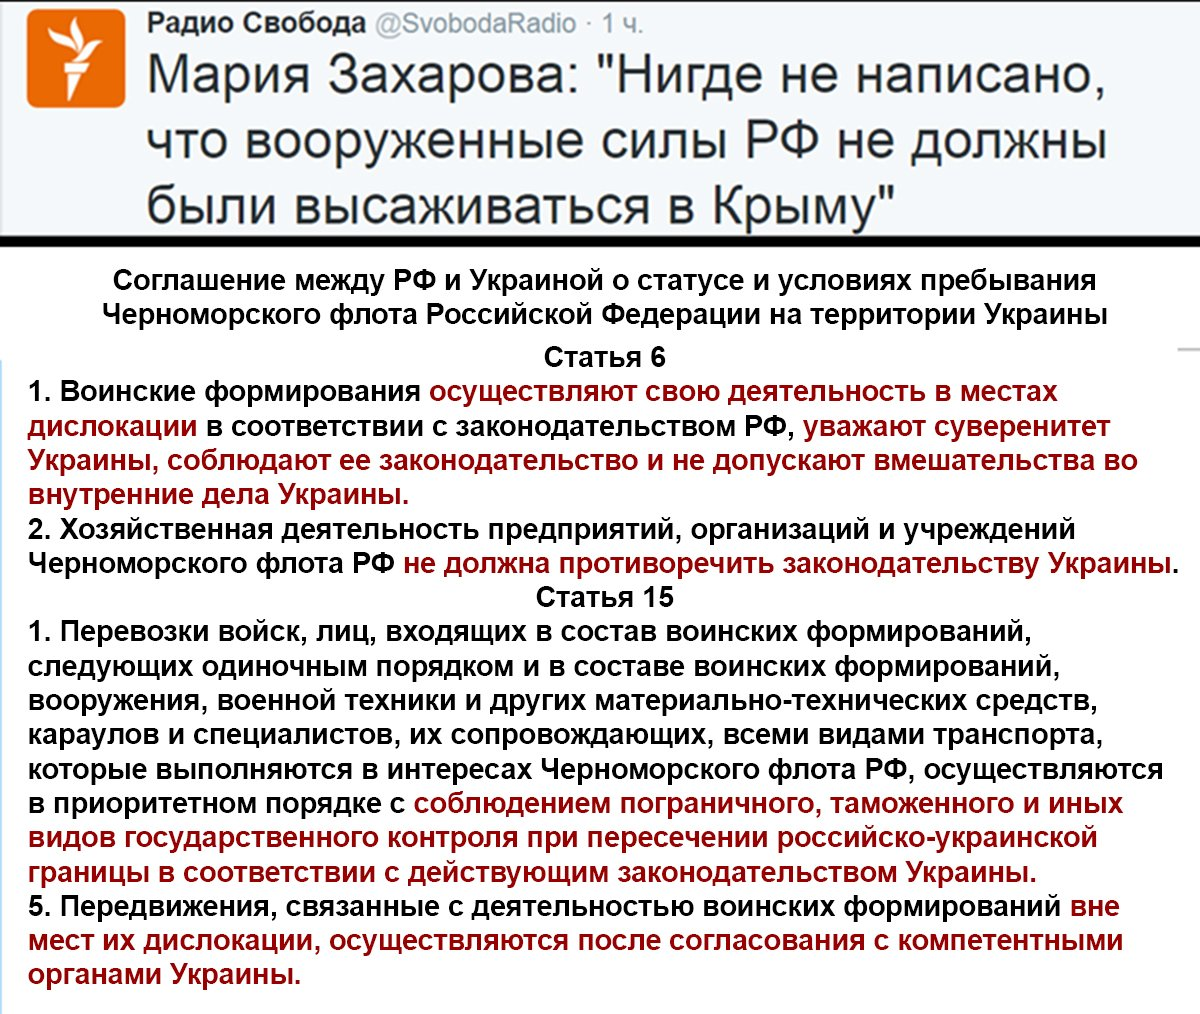 Истерика вокруг Савченко осложняет решение этого вопроса, - пресс-секретарь Путина Песков - Цензор.НЕТ 1166